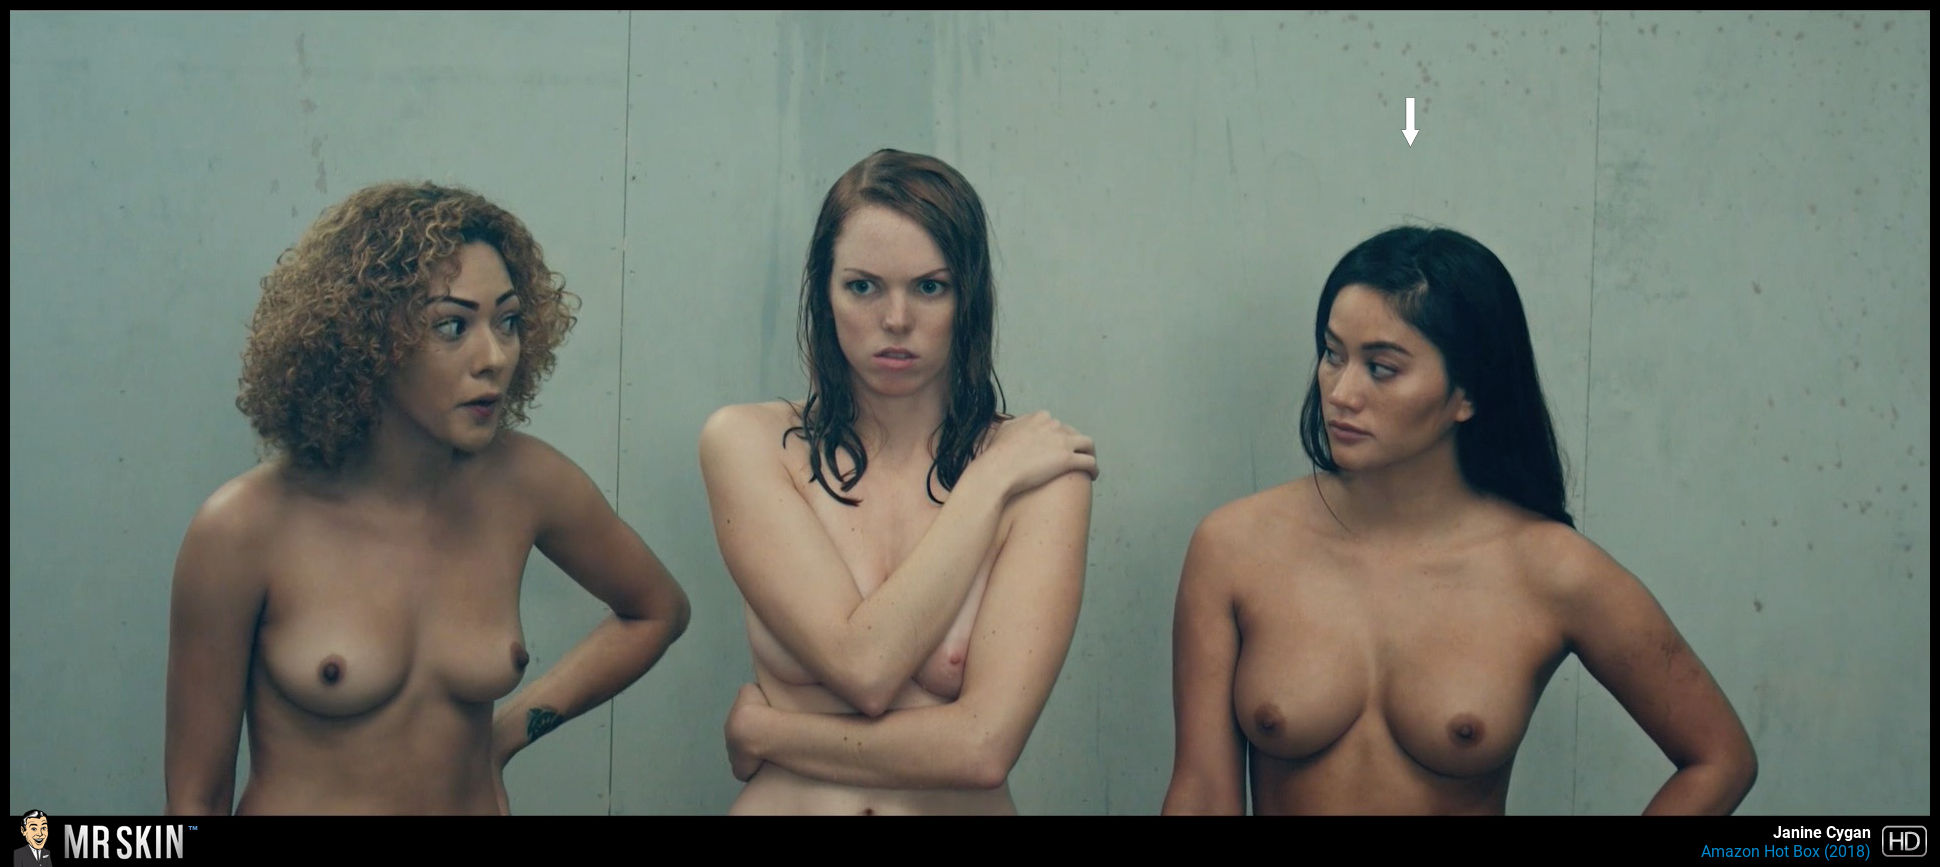 Best nude scenes